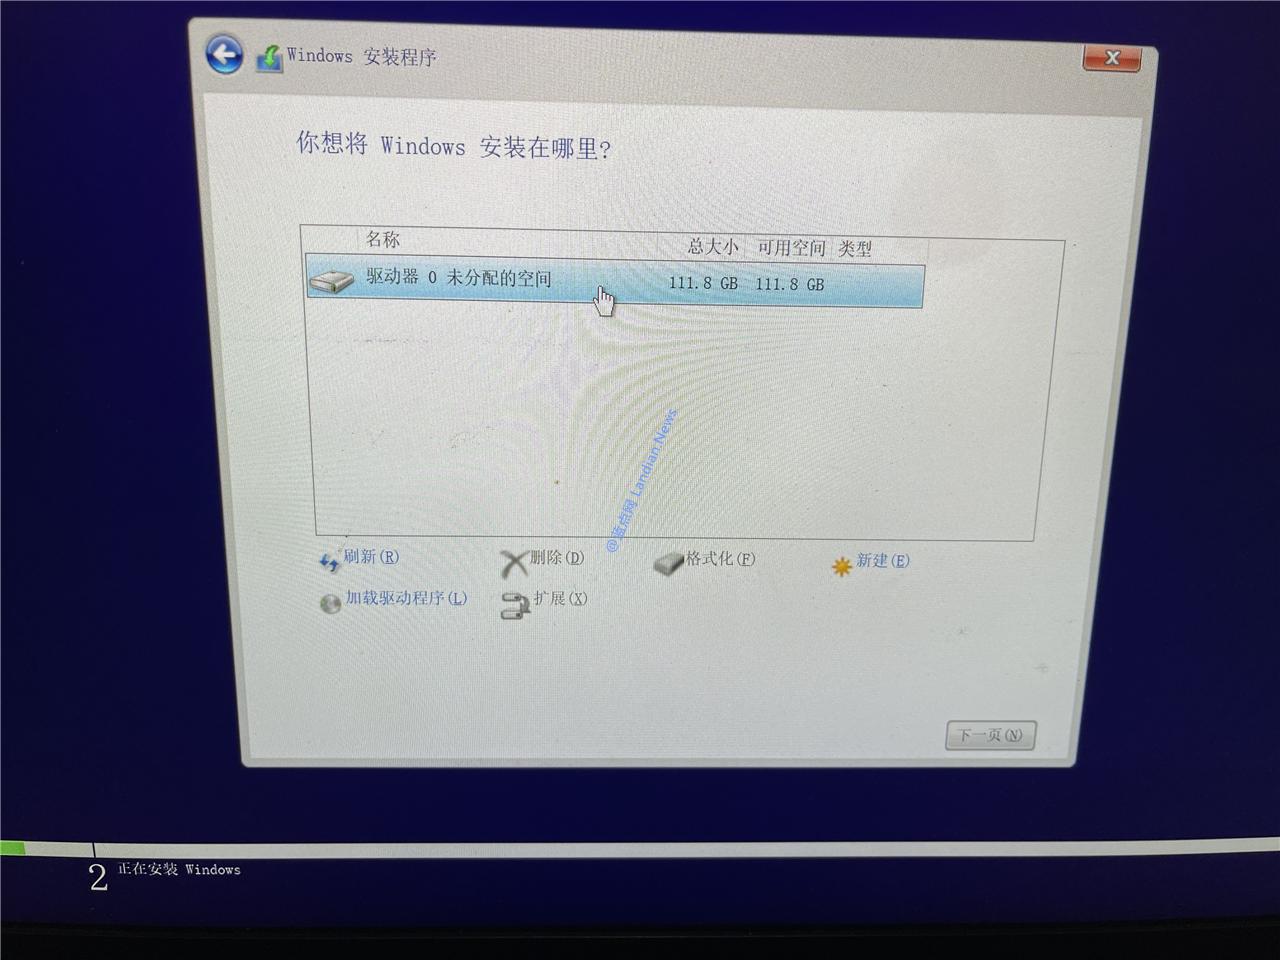 [教程] 绕过TPM2.0和CPU兼容列表 在物理机上安装Windows 11系统